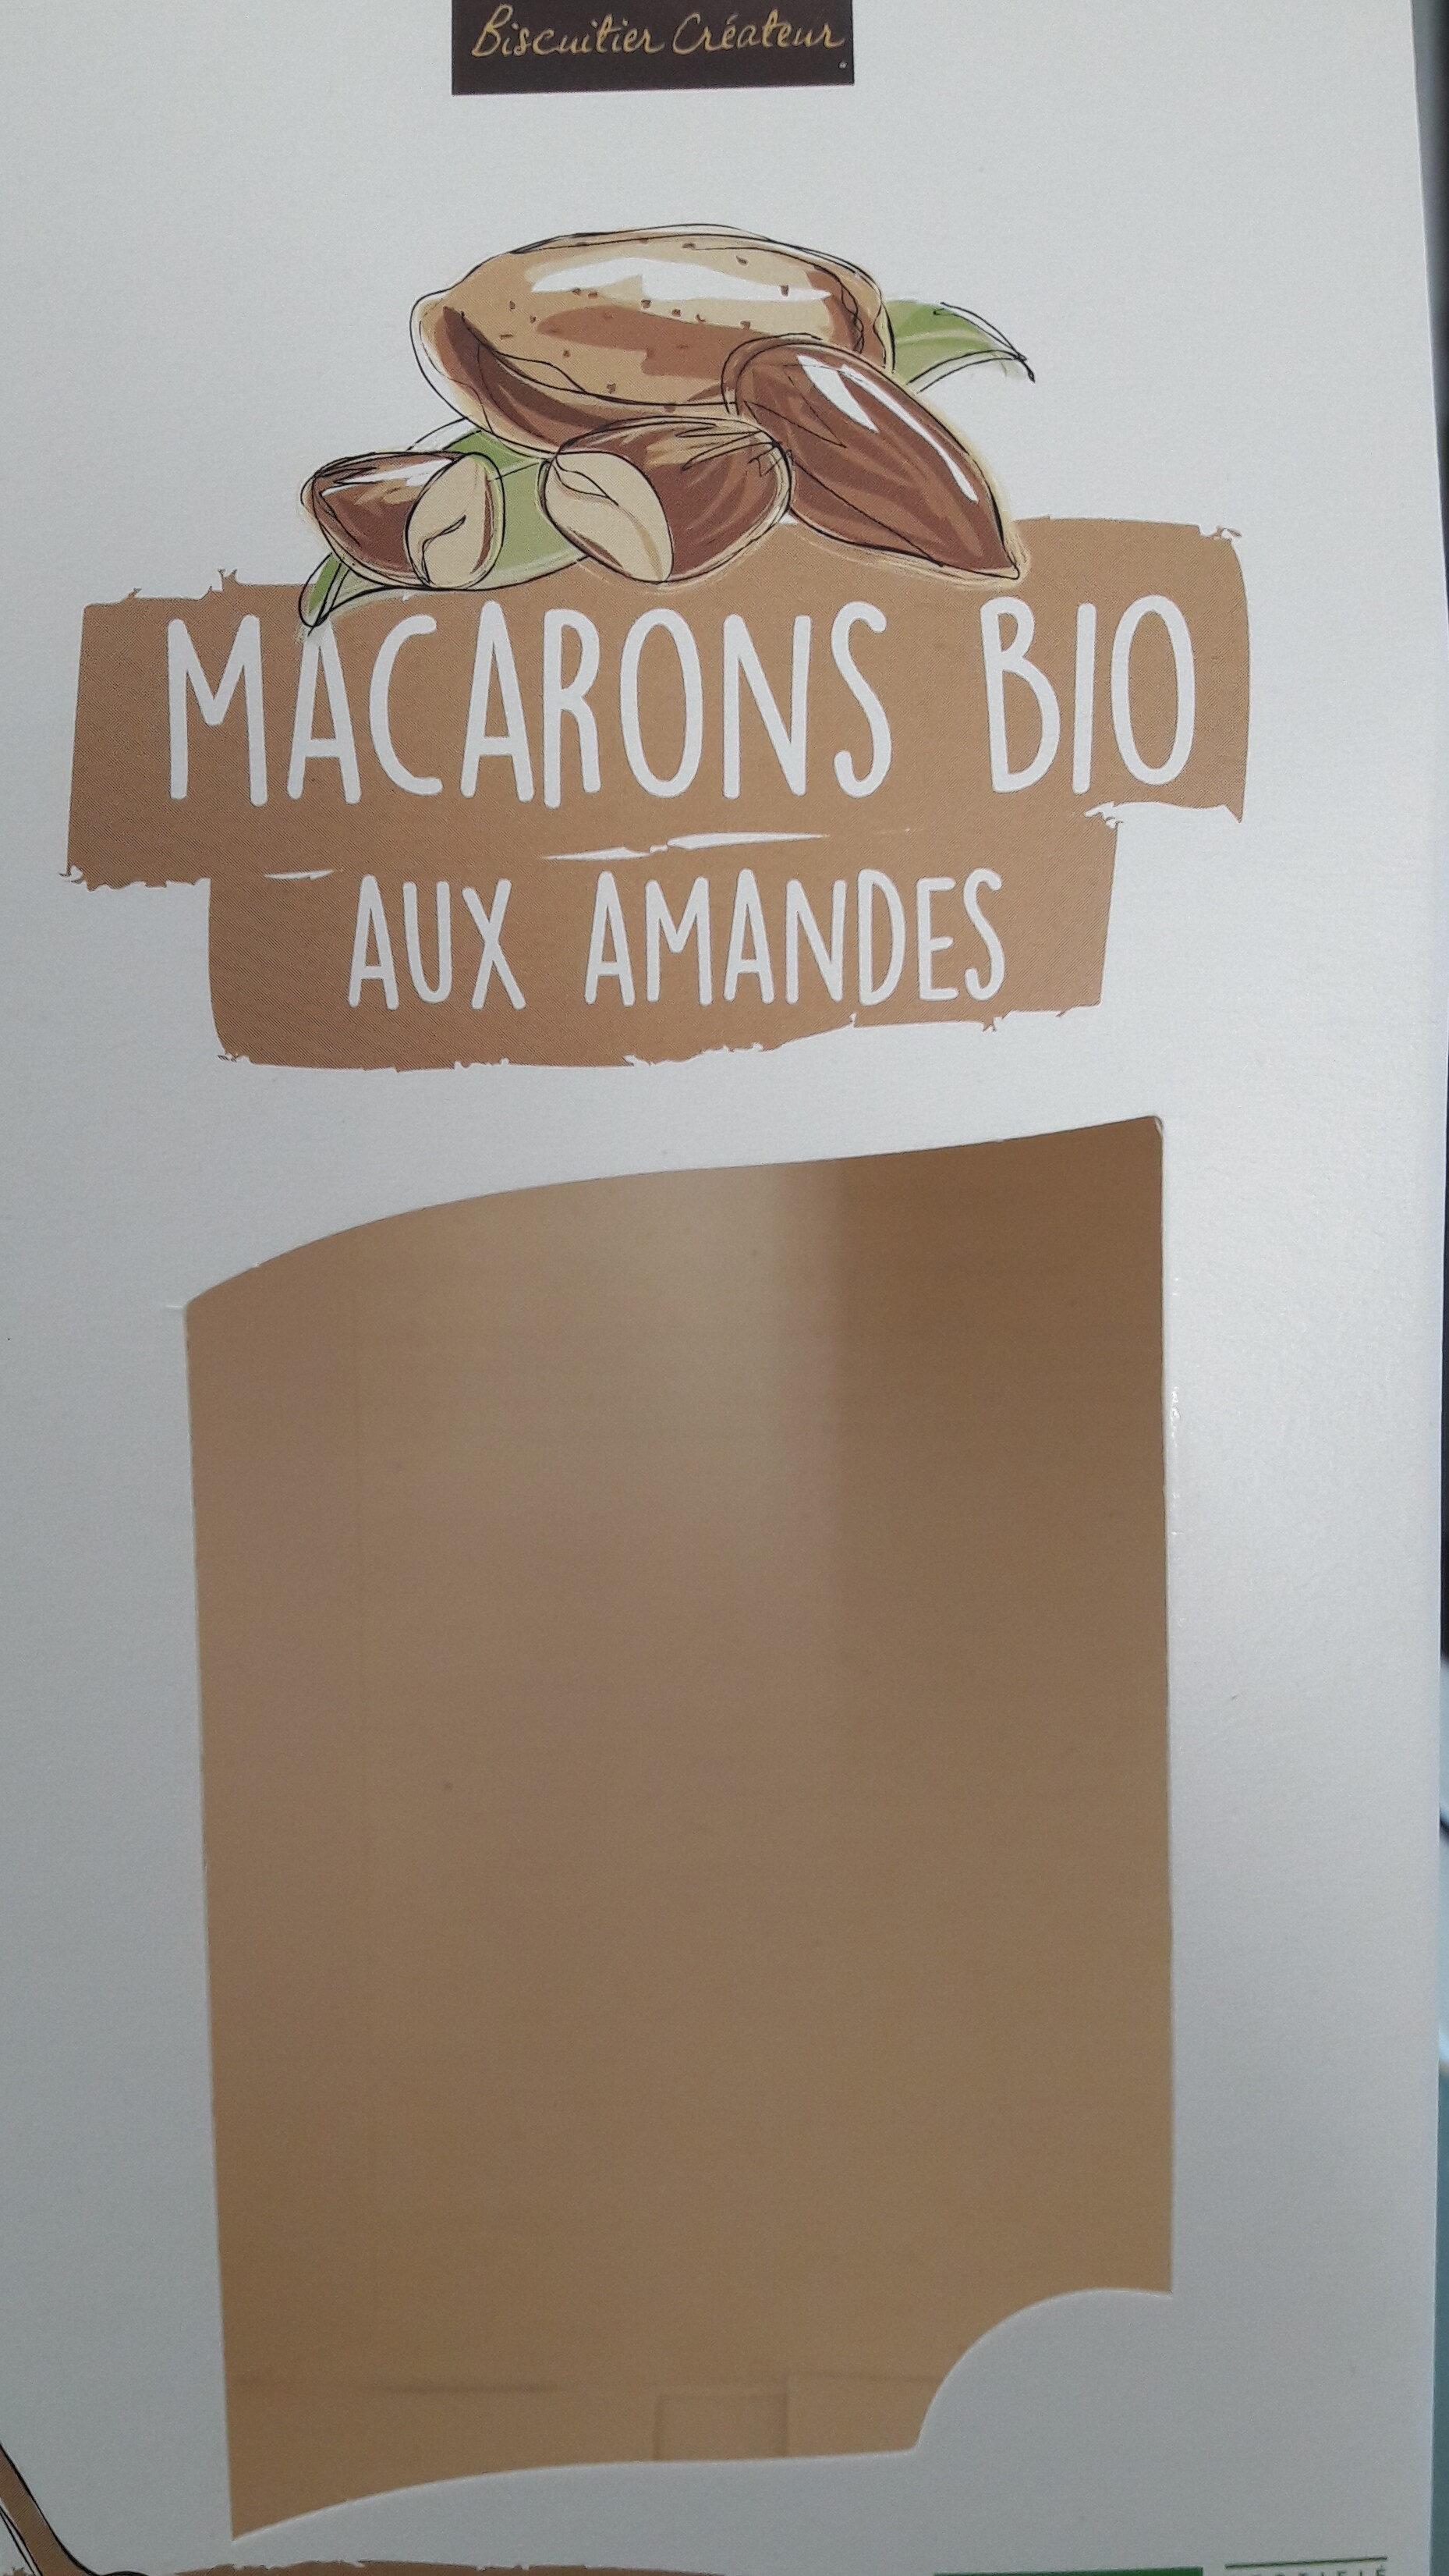 Macarons bio aux amandes - Prodotto - fr